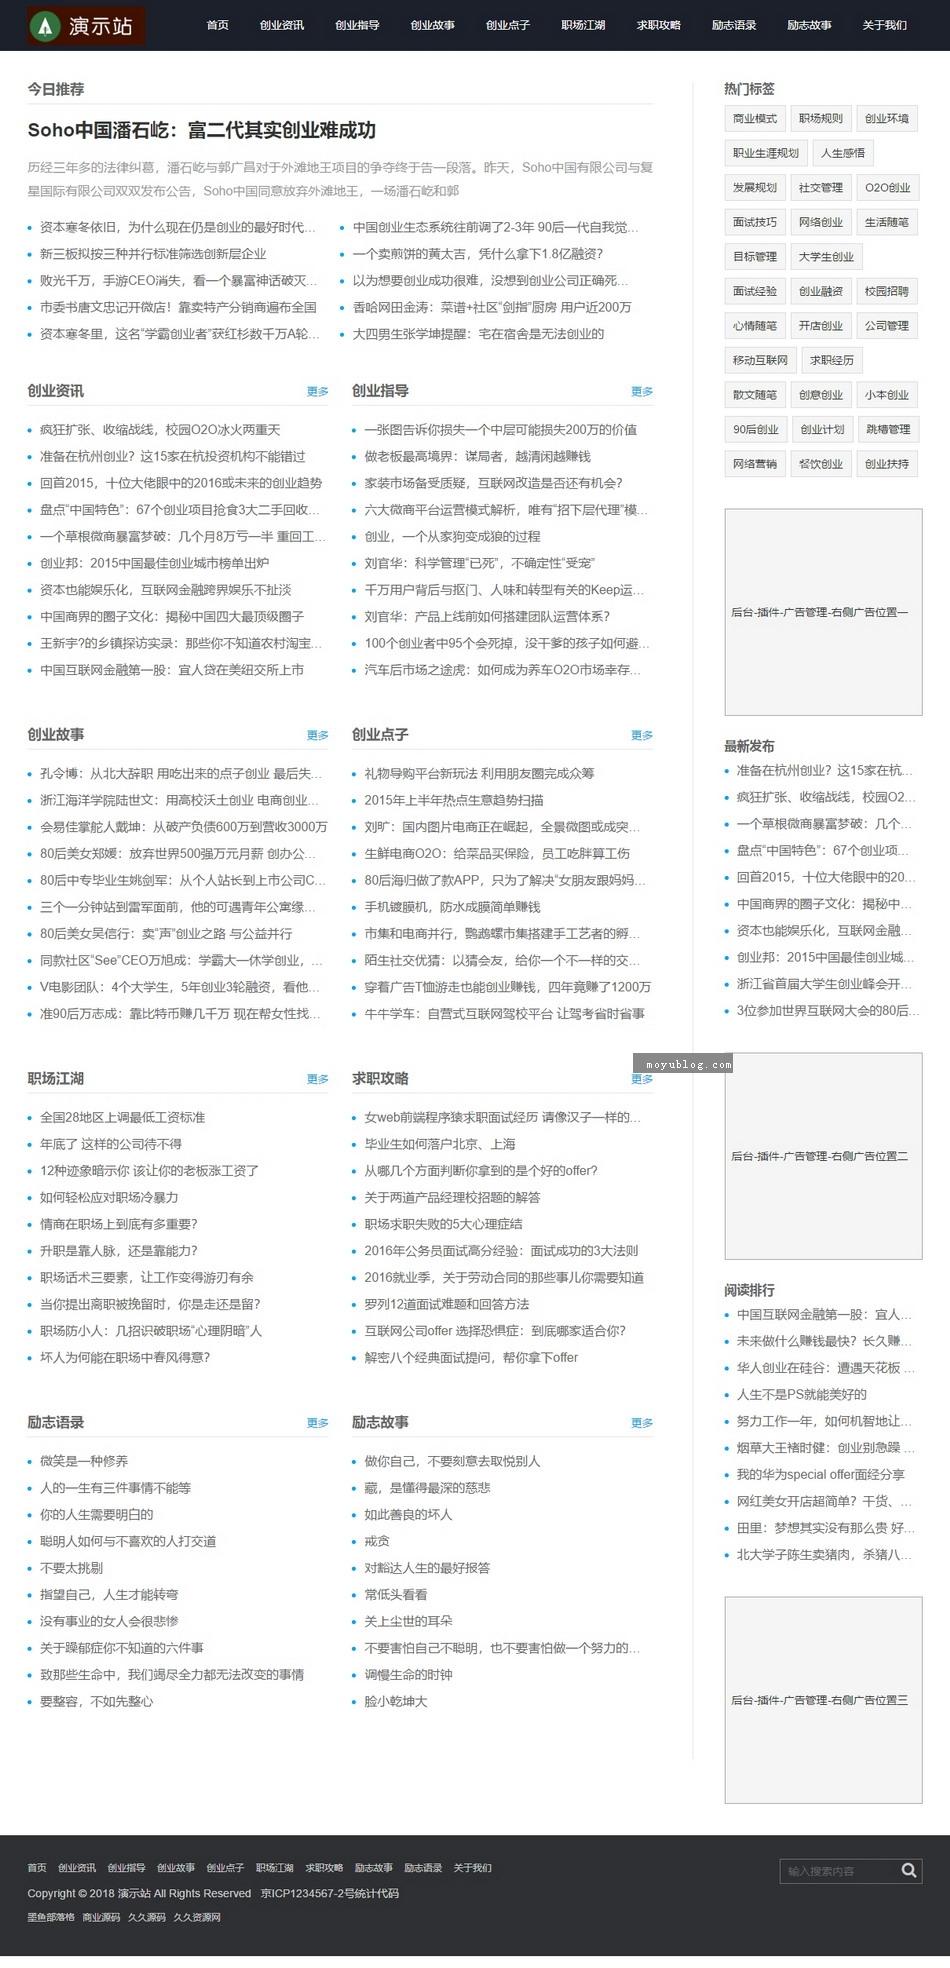 简约不简单自适应HTML5响应式全文字文章新闻帝国CMS网站模板整站